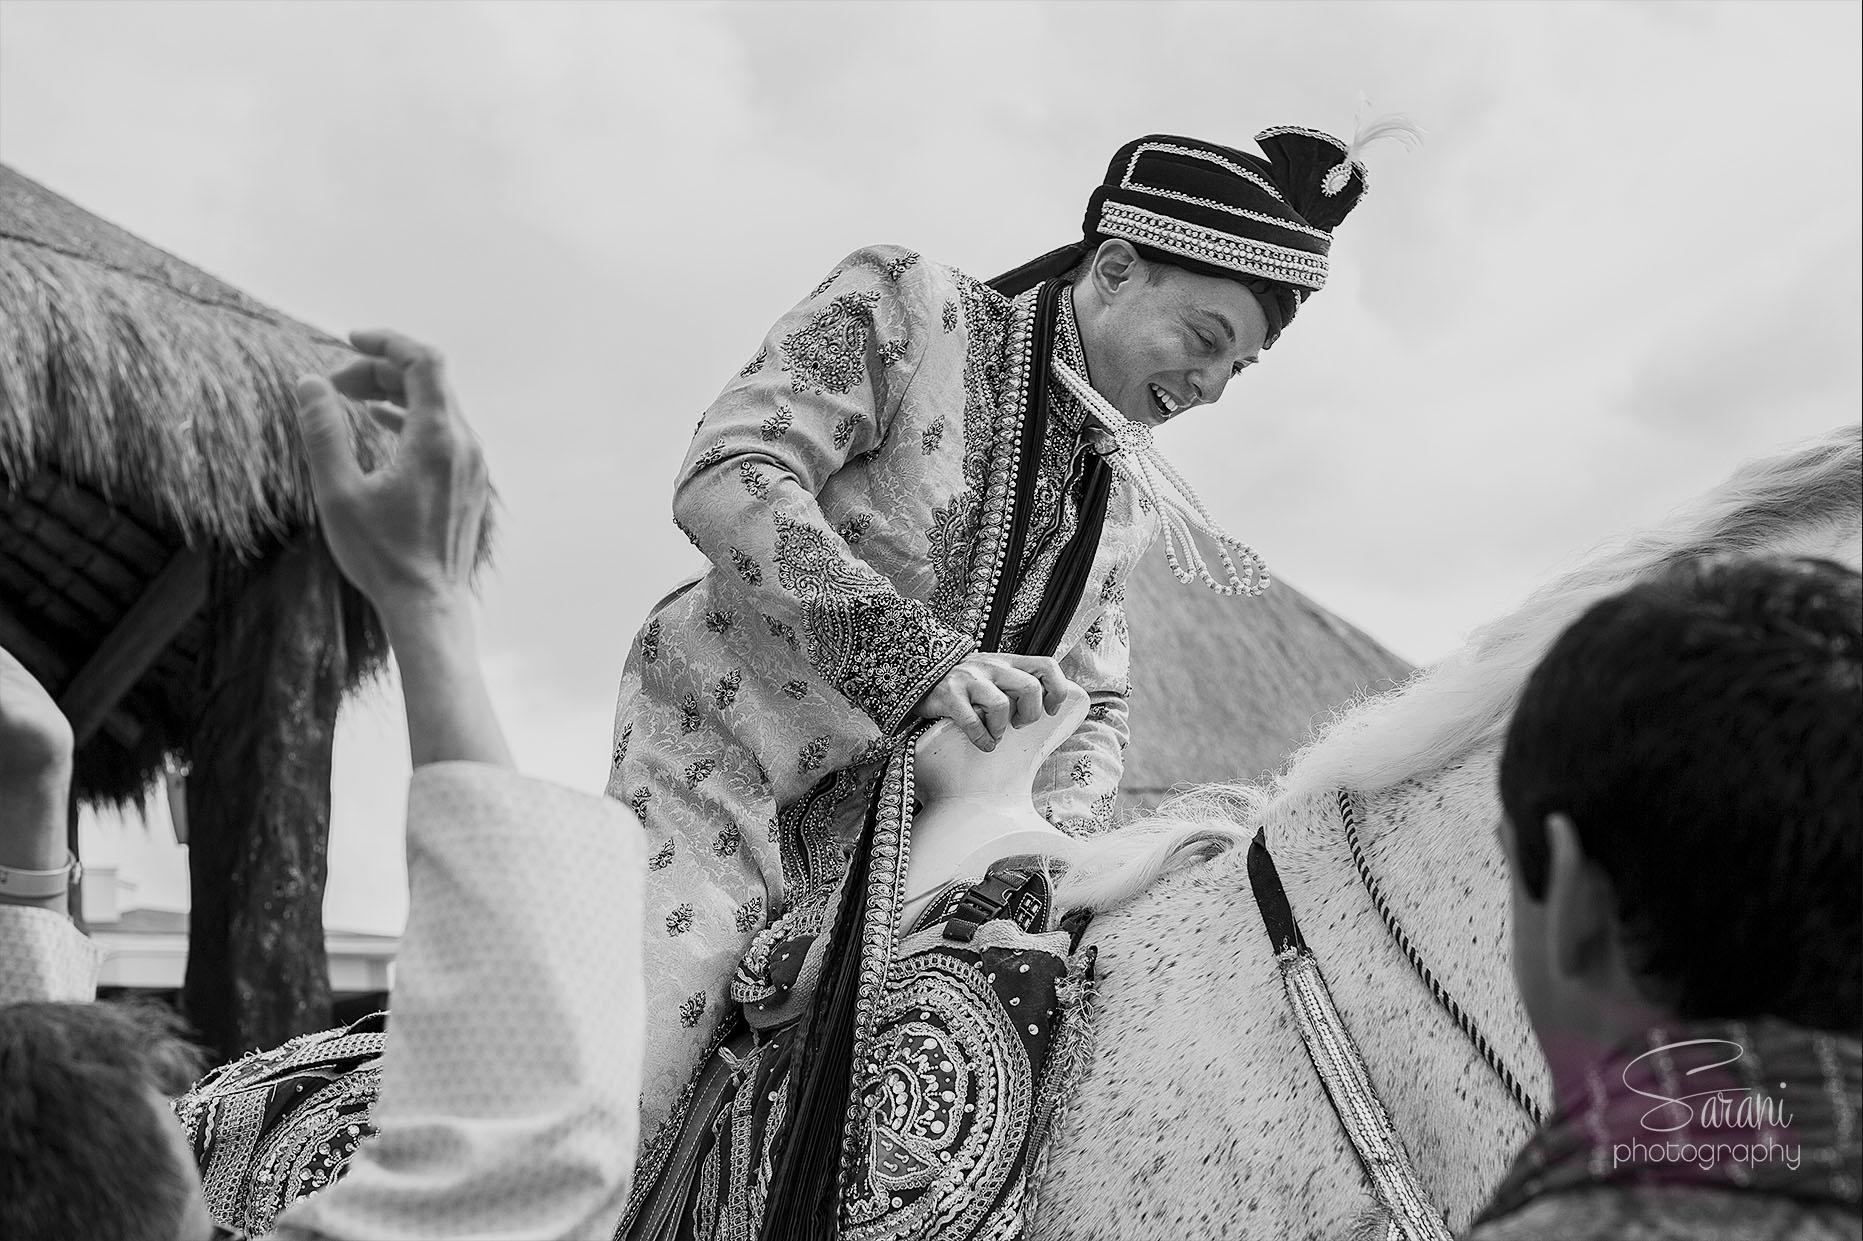 Indian Wedding Photos at Moon Palace Resort